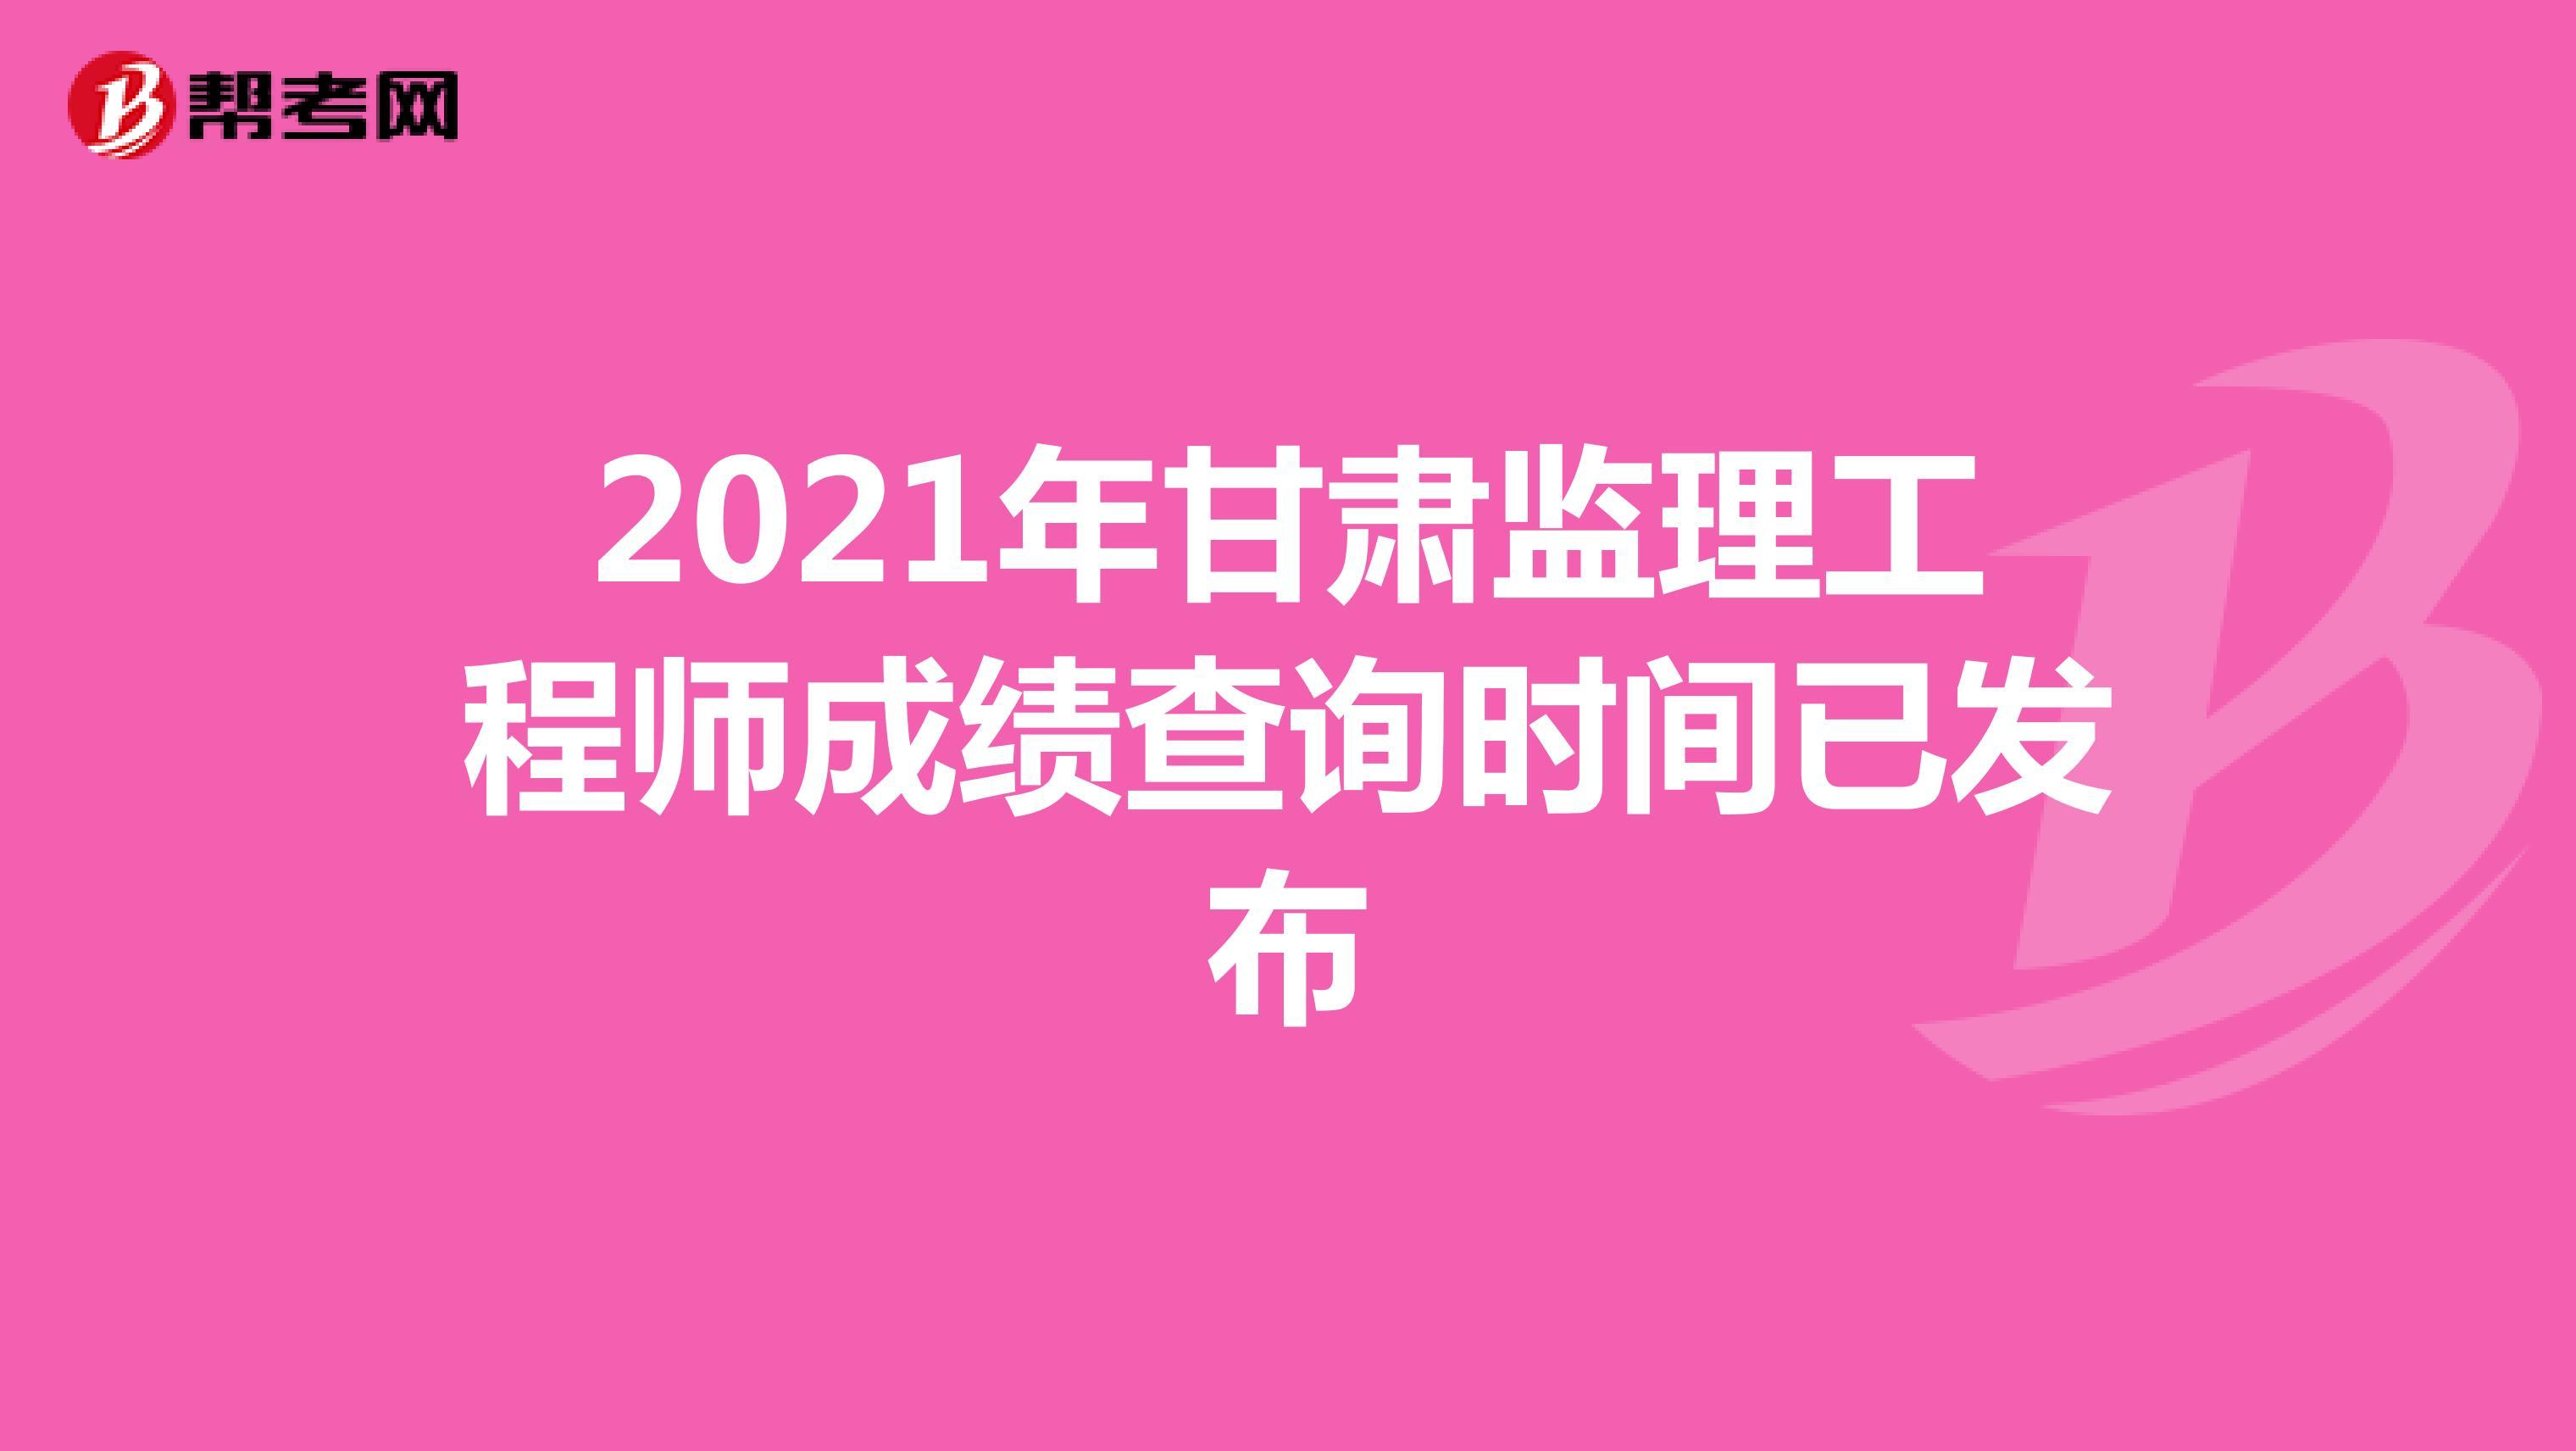 2021年甘肃监理工程师成绩查询时间已发布